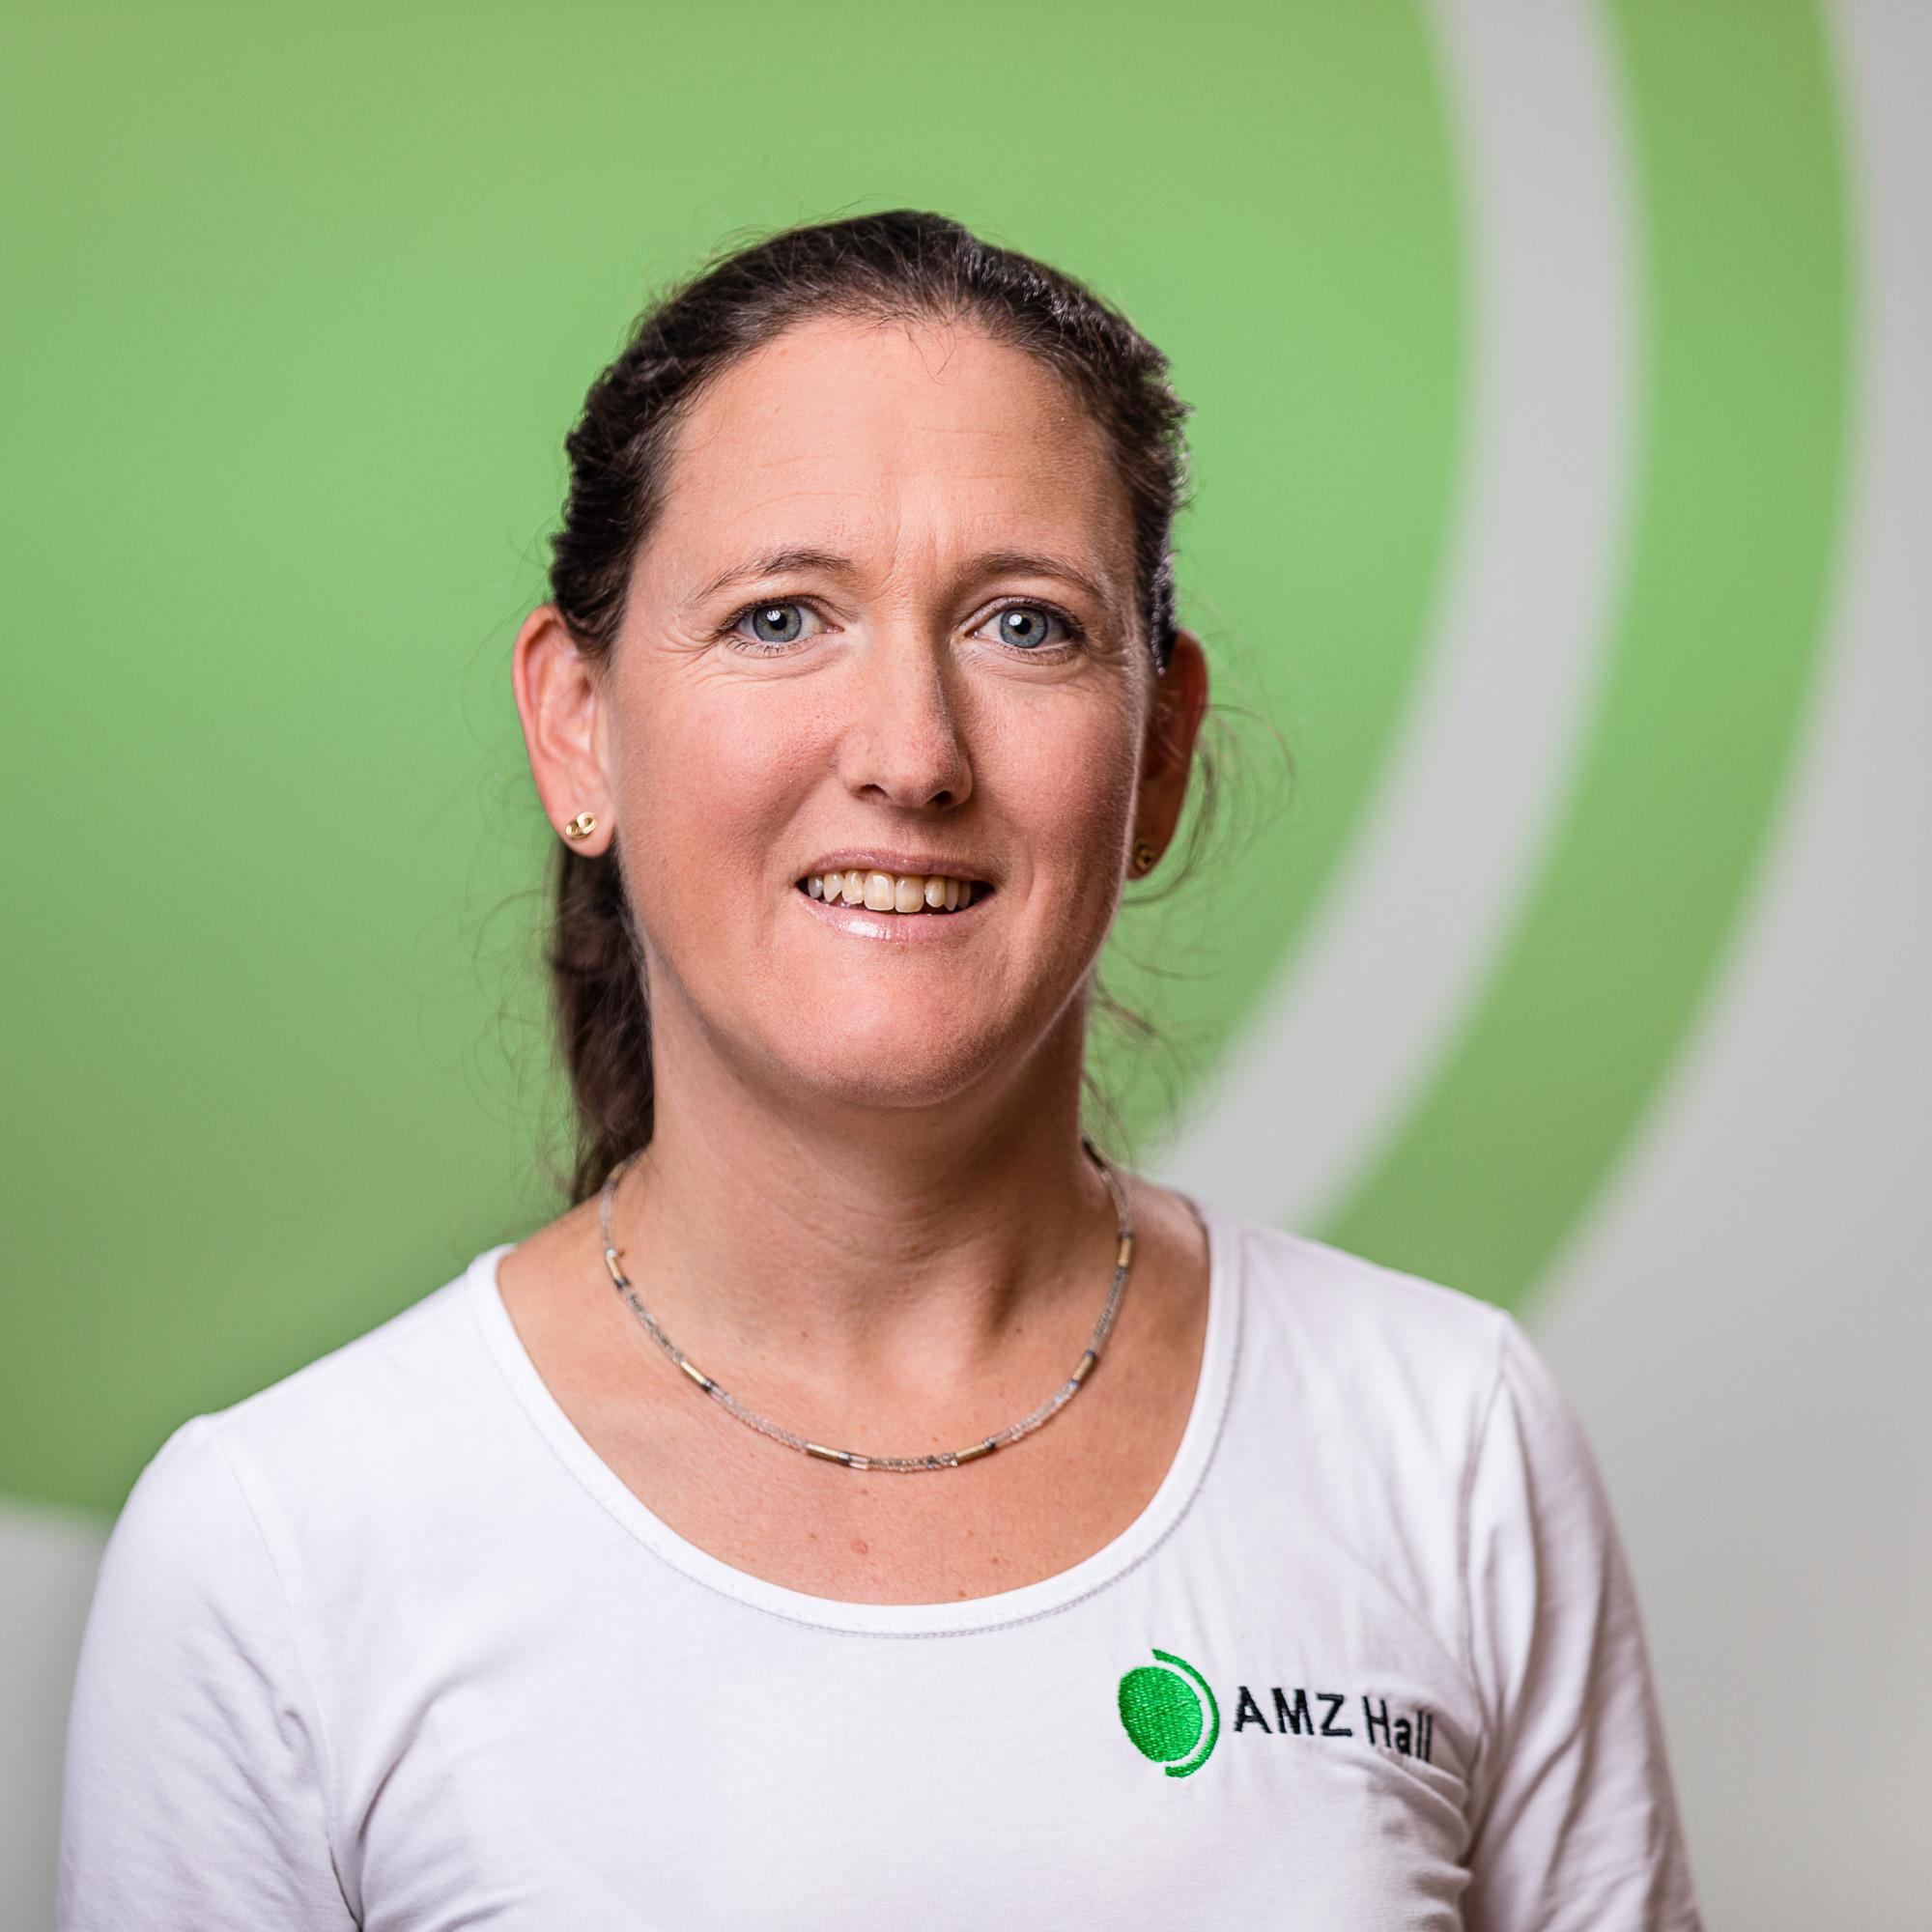 Dr. Katharina Magaya